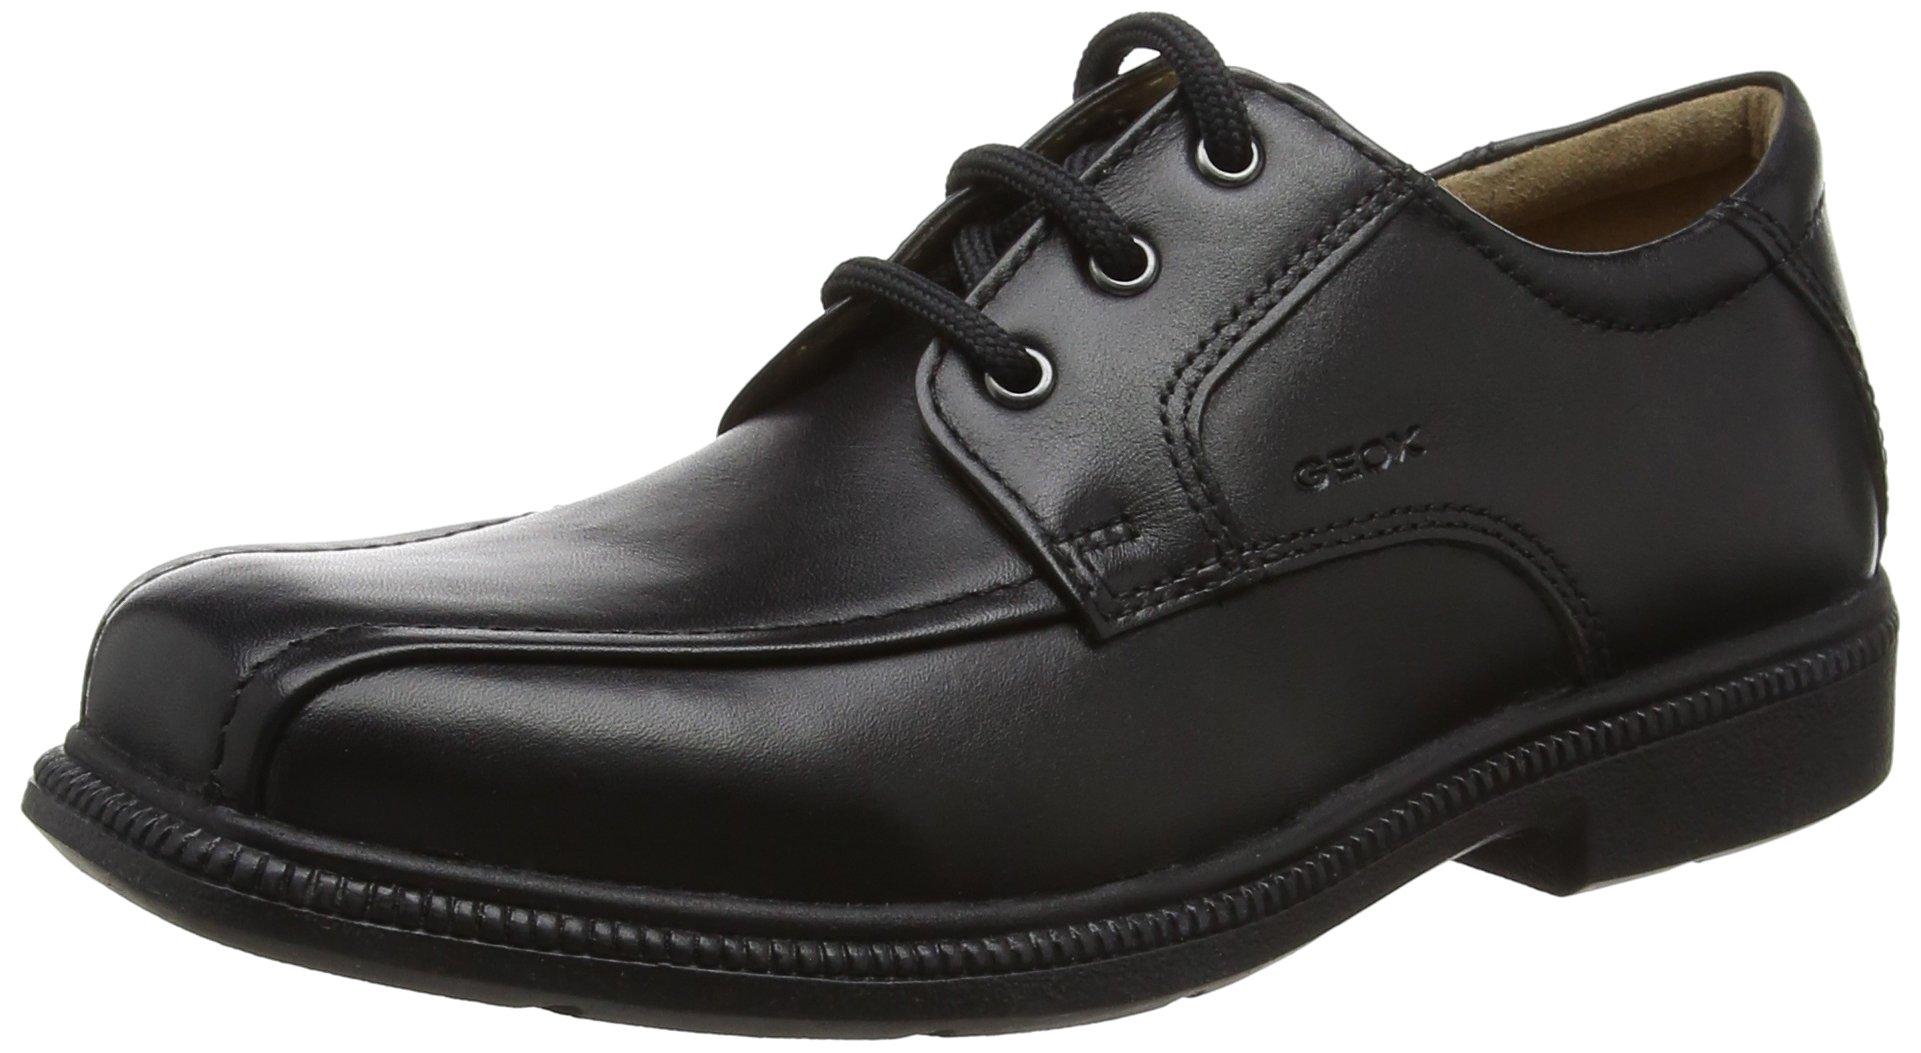 Geox Boys' Federico 3 School Uniform Shoe, Black, 36 M EU Big Kid (4 US)